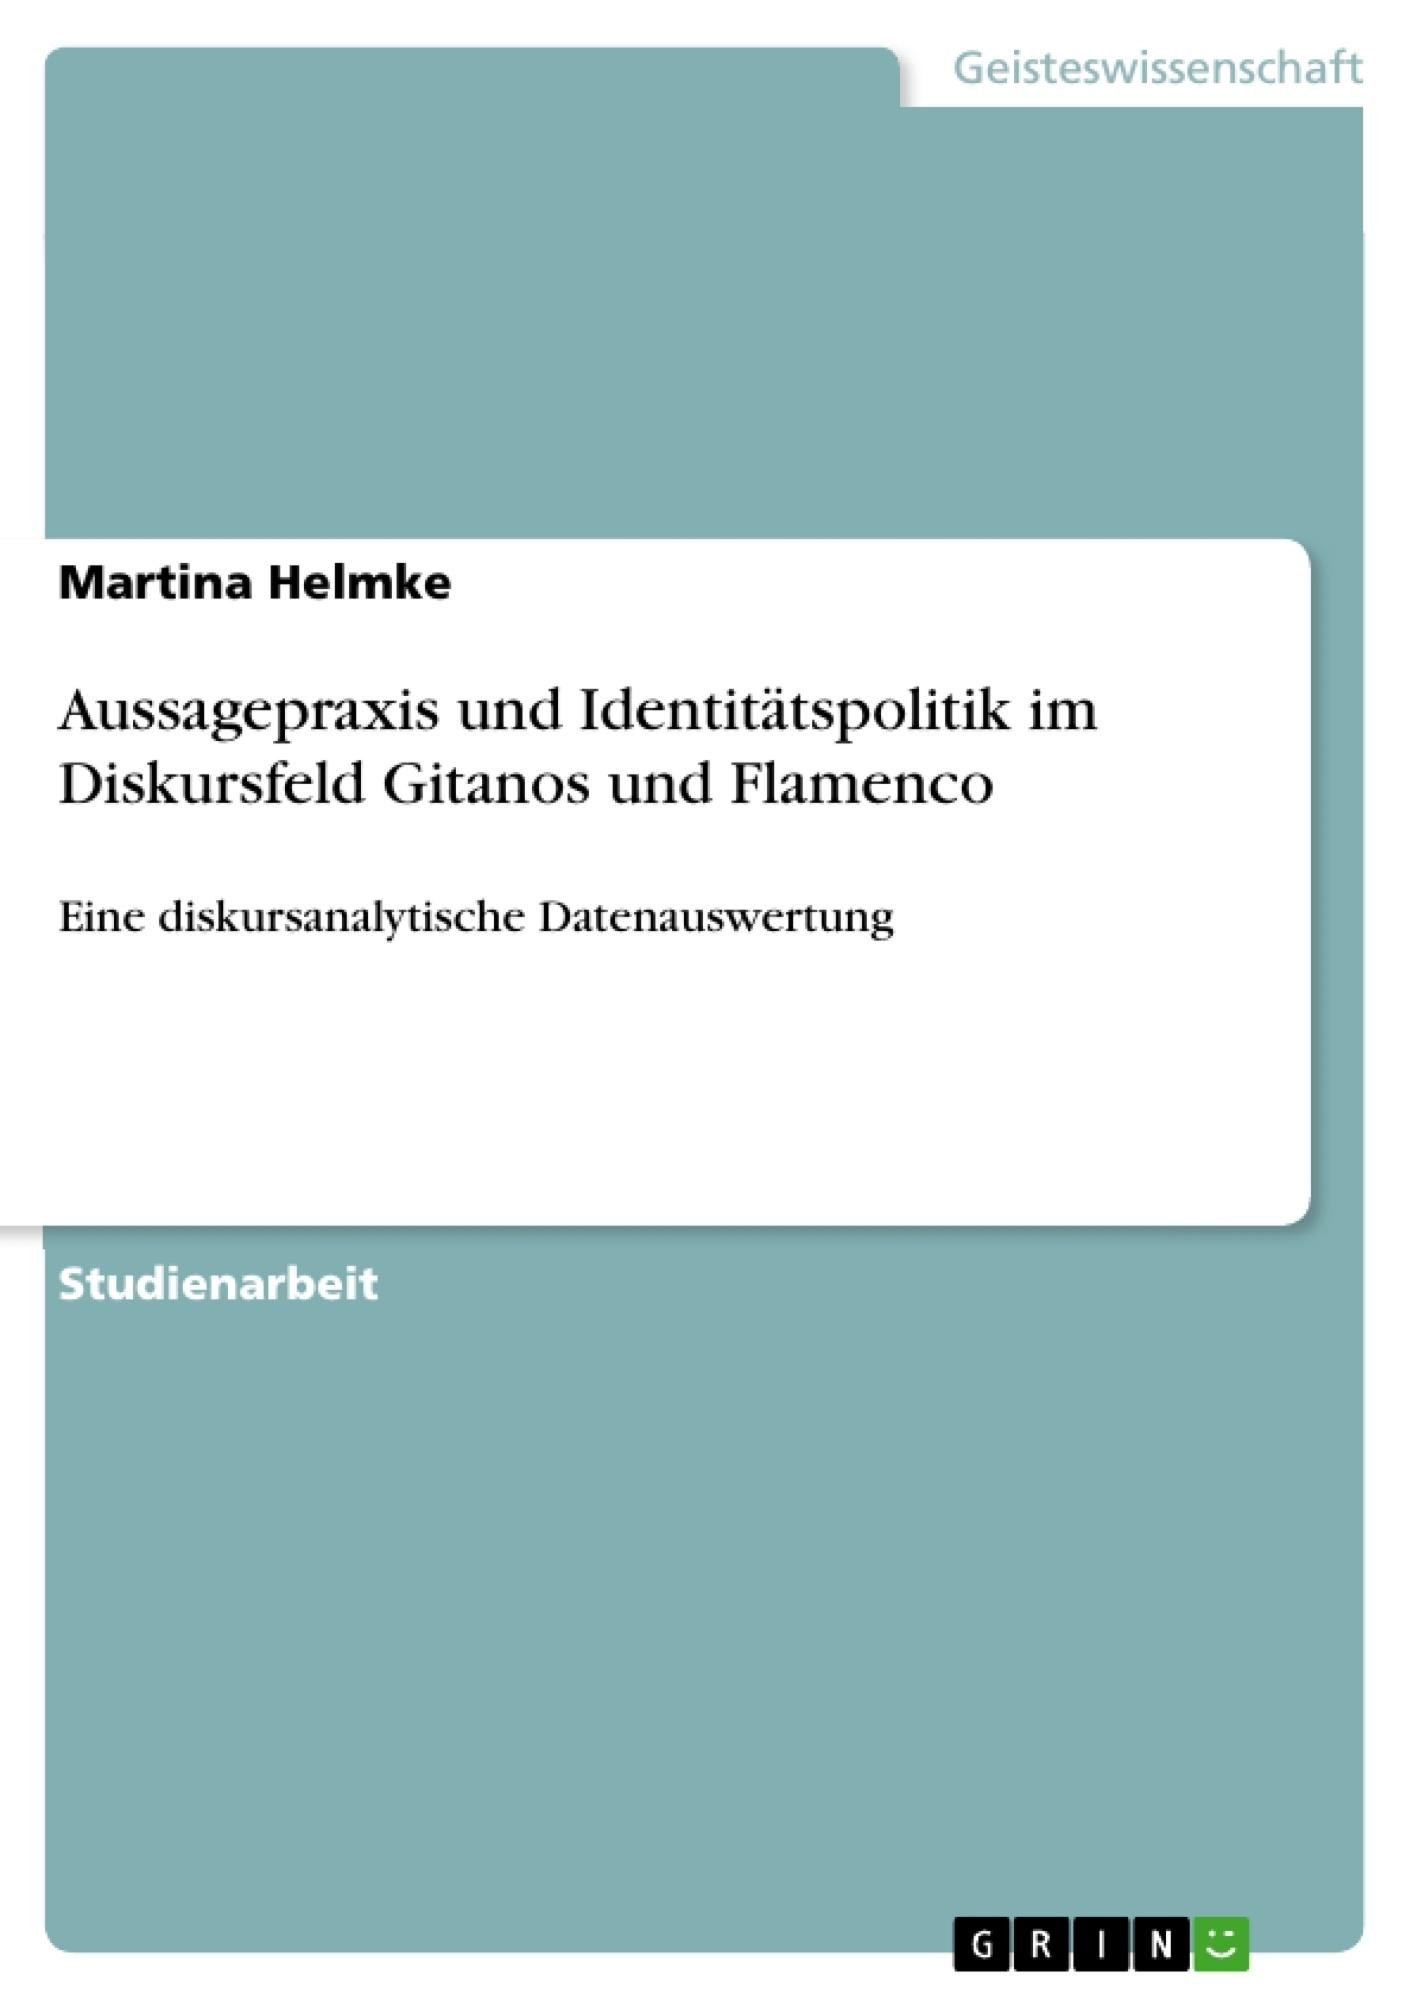 Titel: Aussagepraxis und Identitätspolitik im Diskursfeld Gitanos und Flamenco